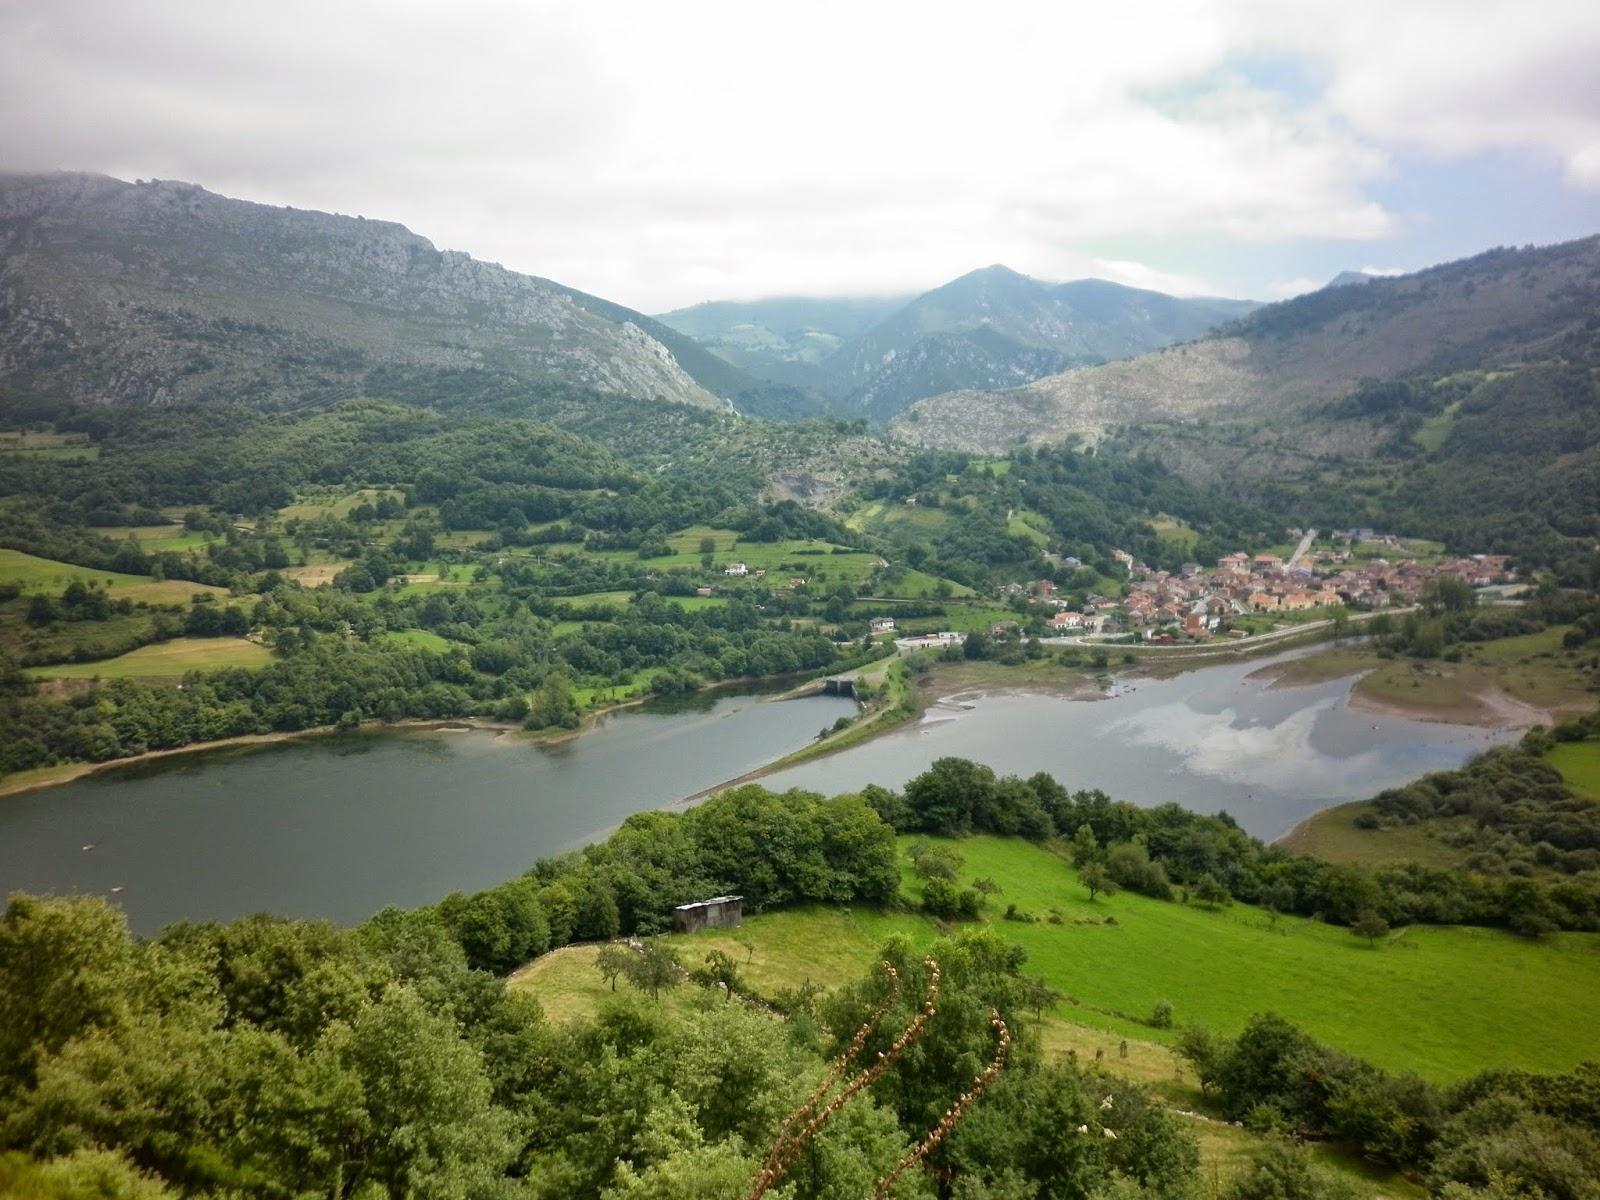 Vistas al embalse y el pueblo asturiano de Rioseco.